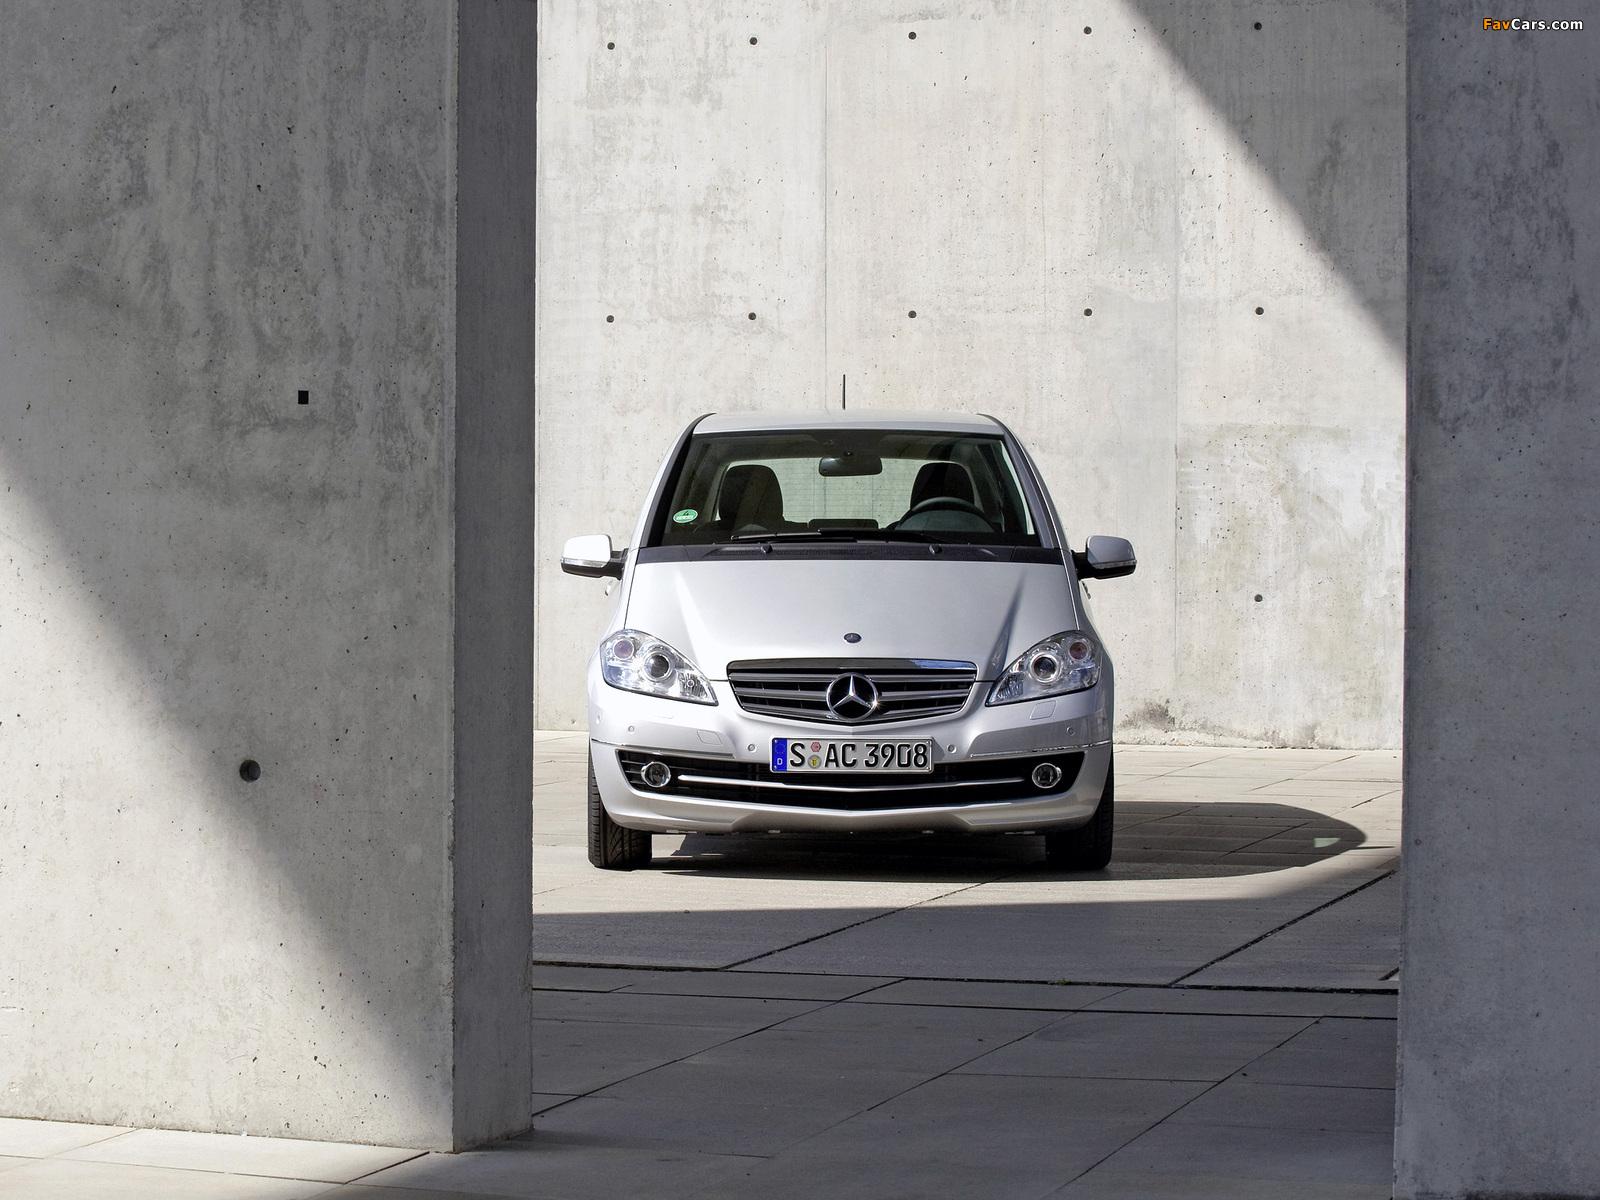 Mercedes-Benz A 170 5-door (W169) 2008 pictures (1600 x 1200)